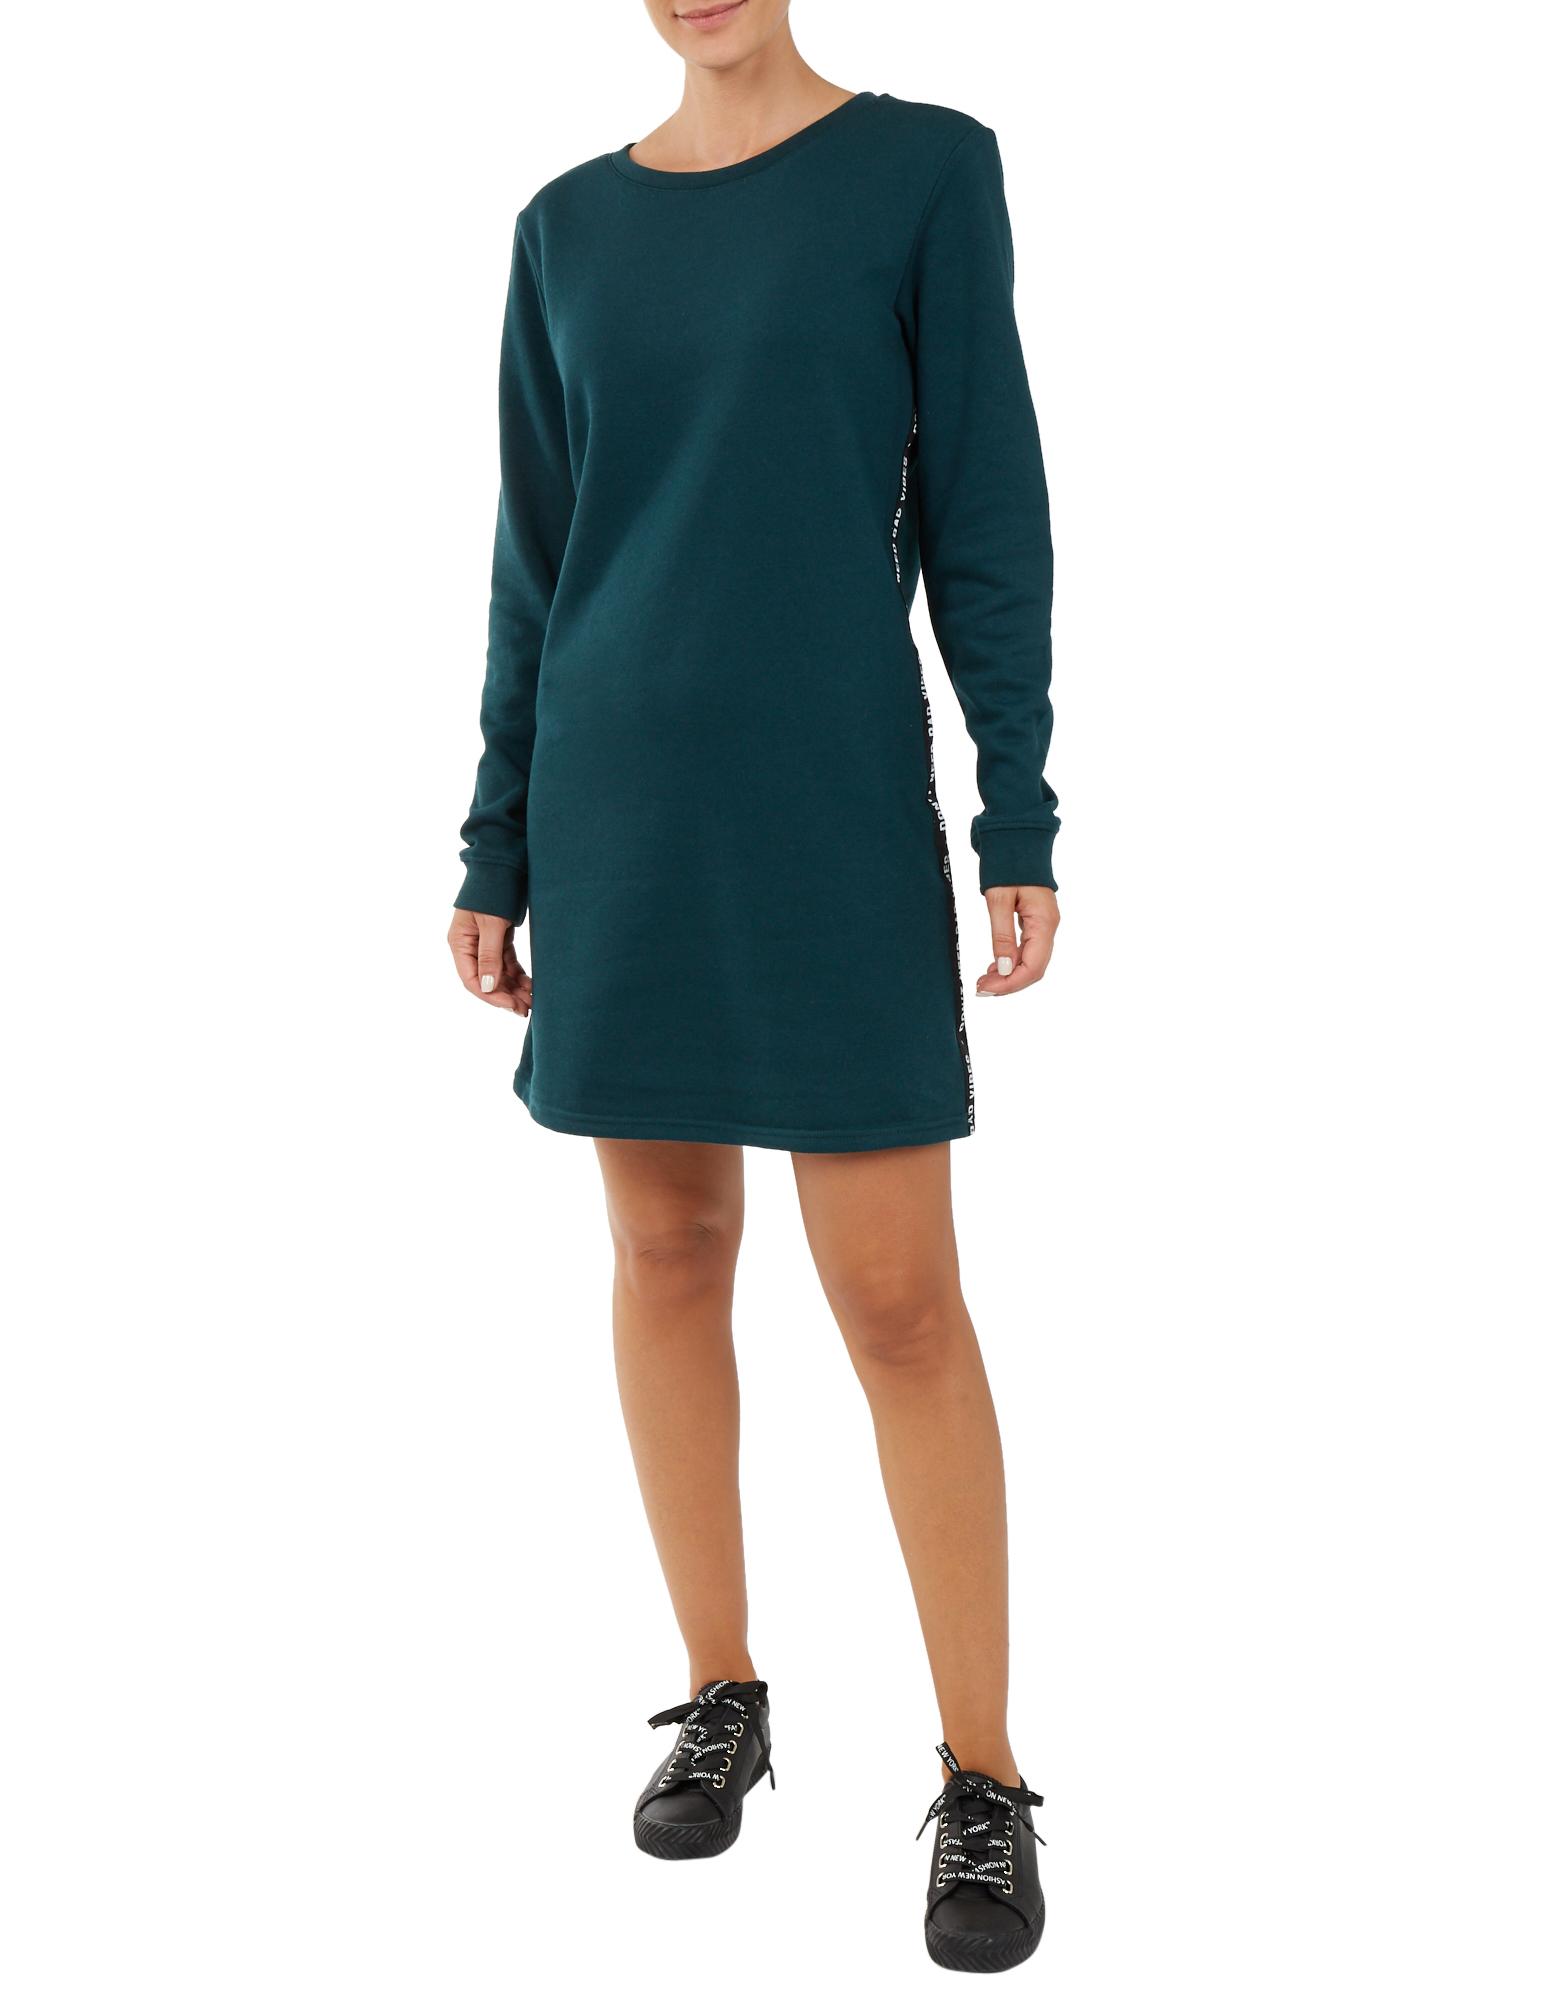 Damen Sweat-Kleid mit Kontraststreifen grün | 81524517790407